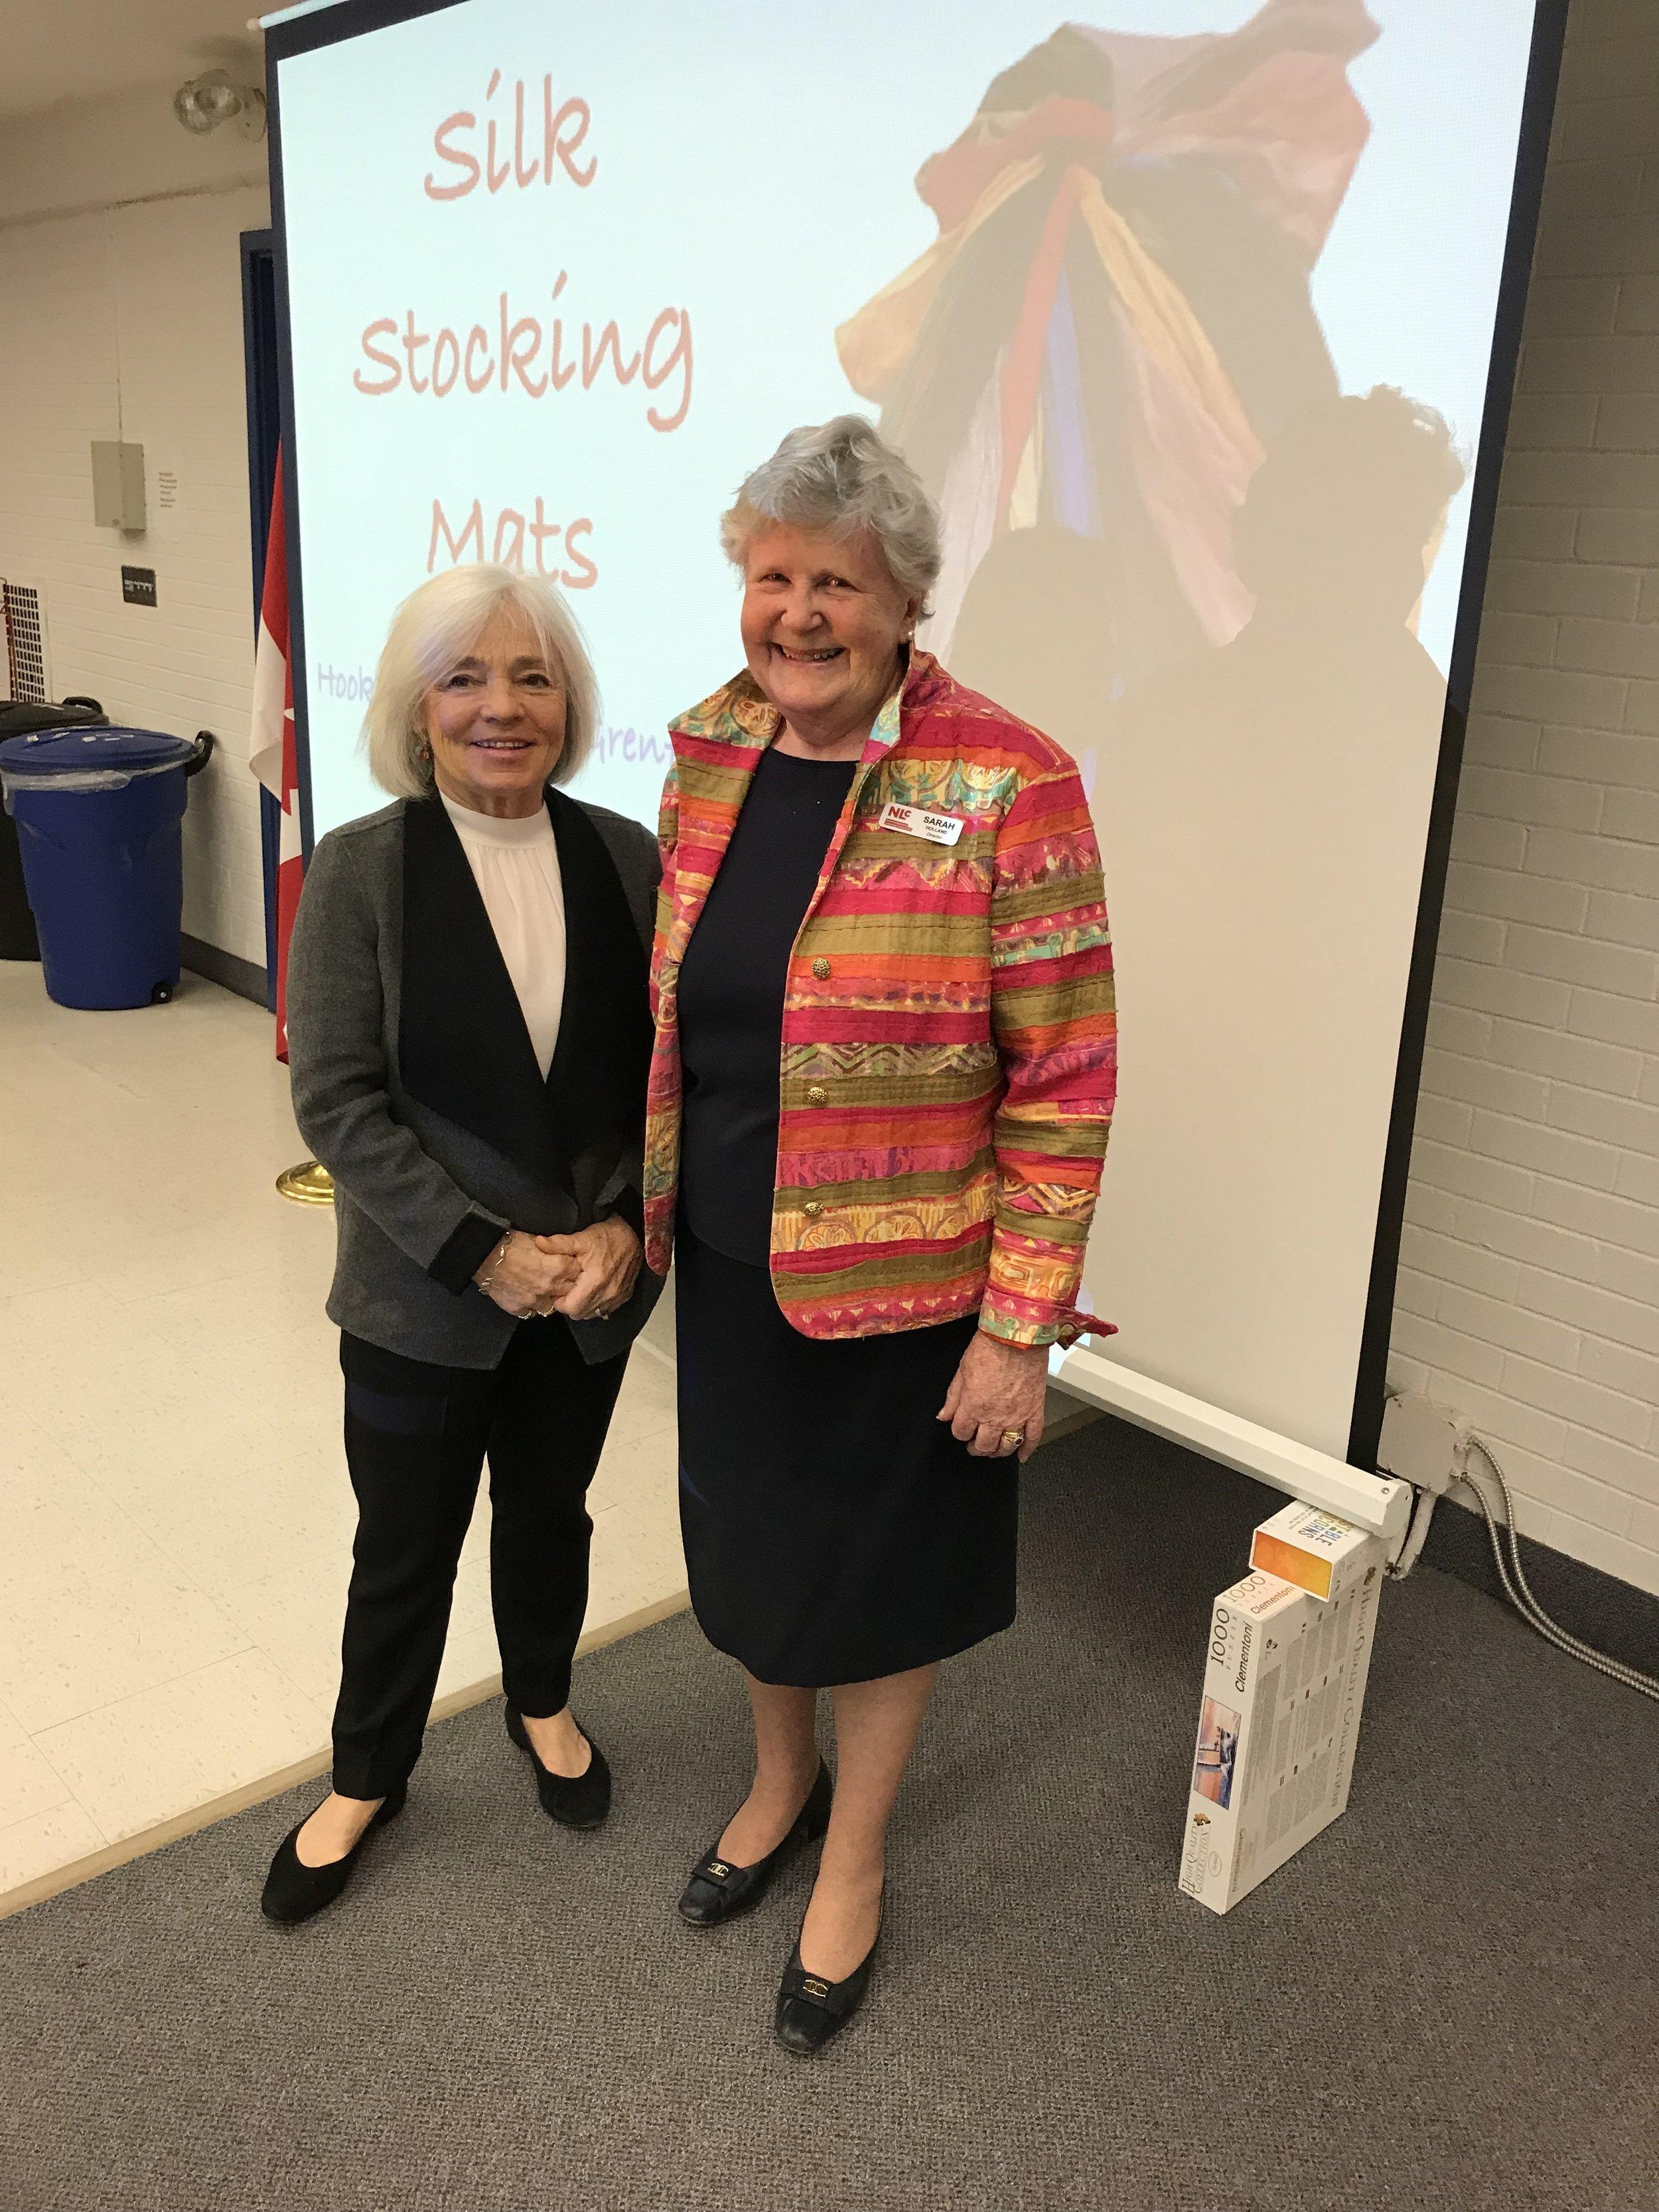 Speaker Paula Laverty and NLC Board Member Sarah Holland